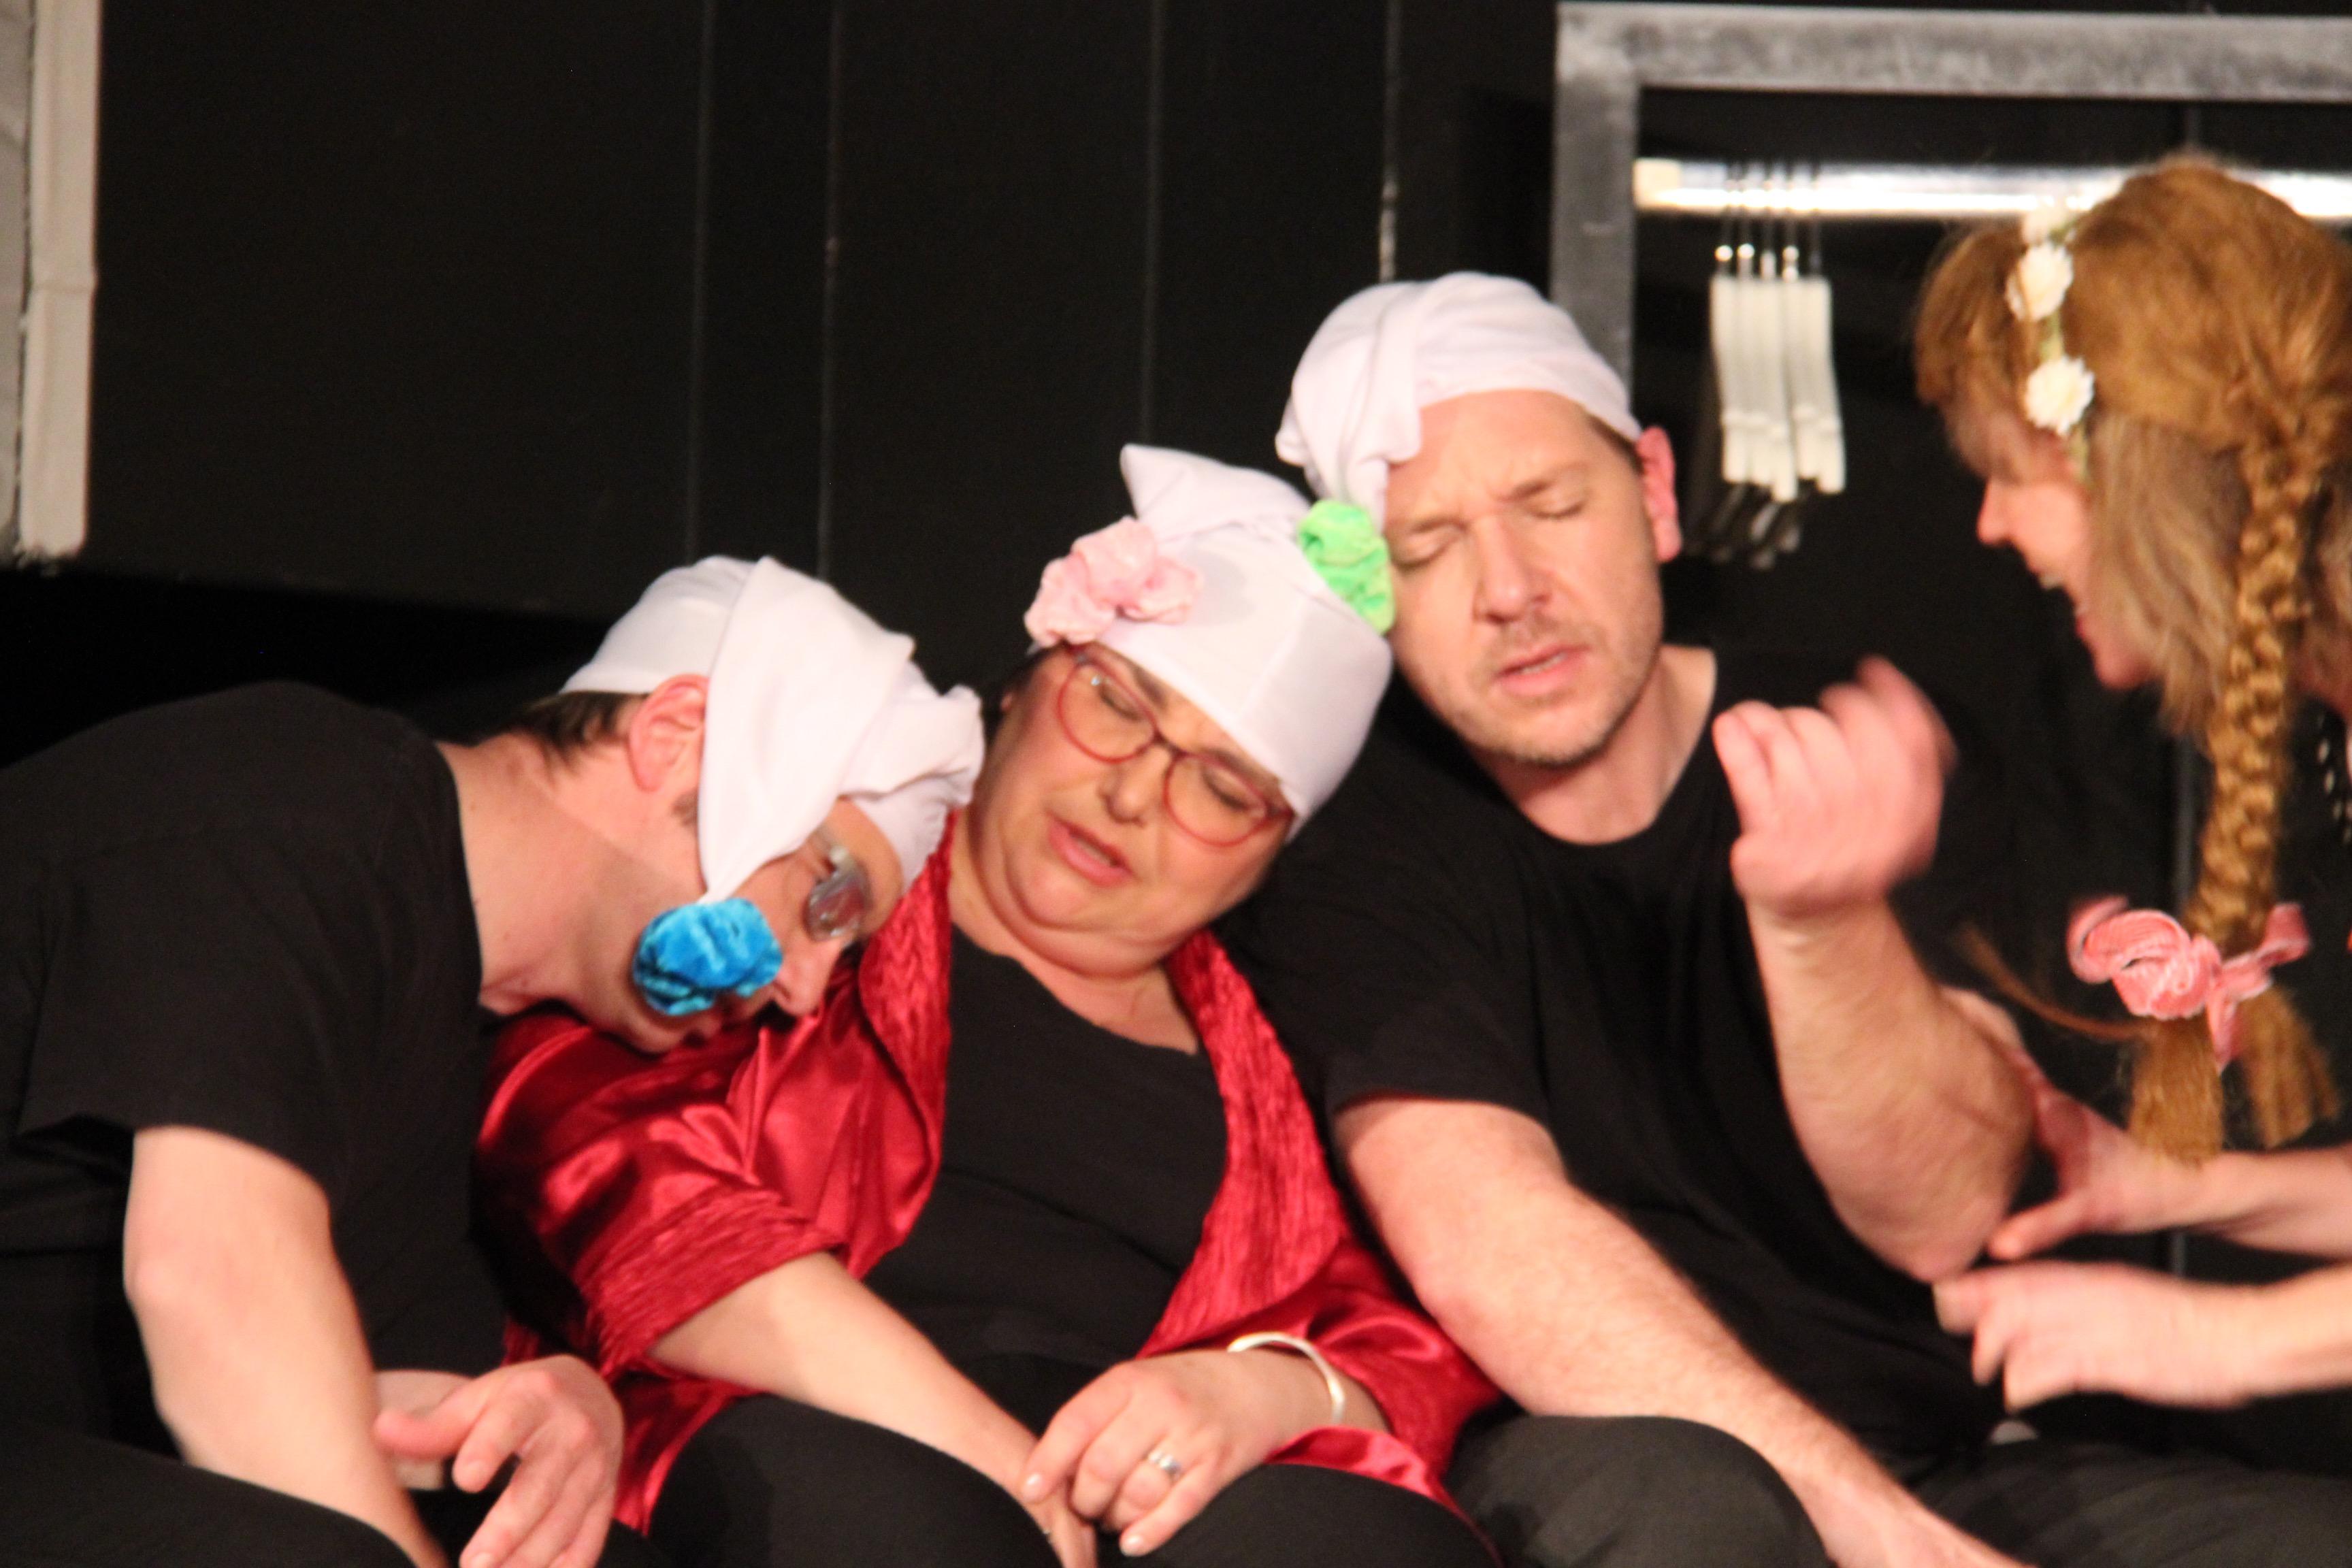 25 avr 2018 : Soirée théâtre pour Hocus Pocus